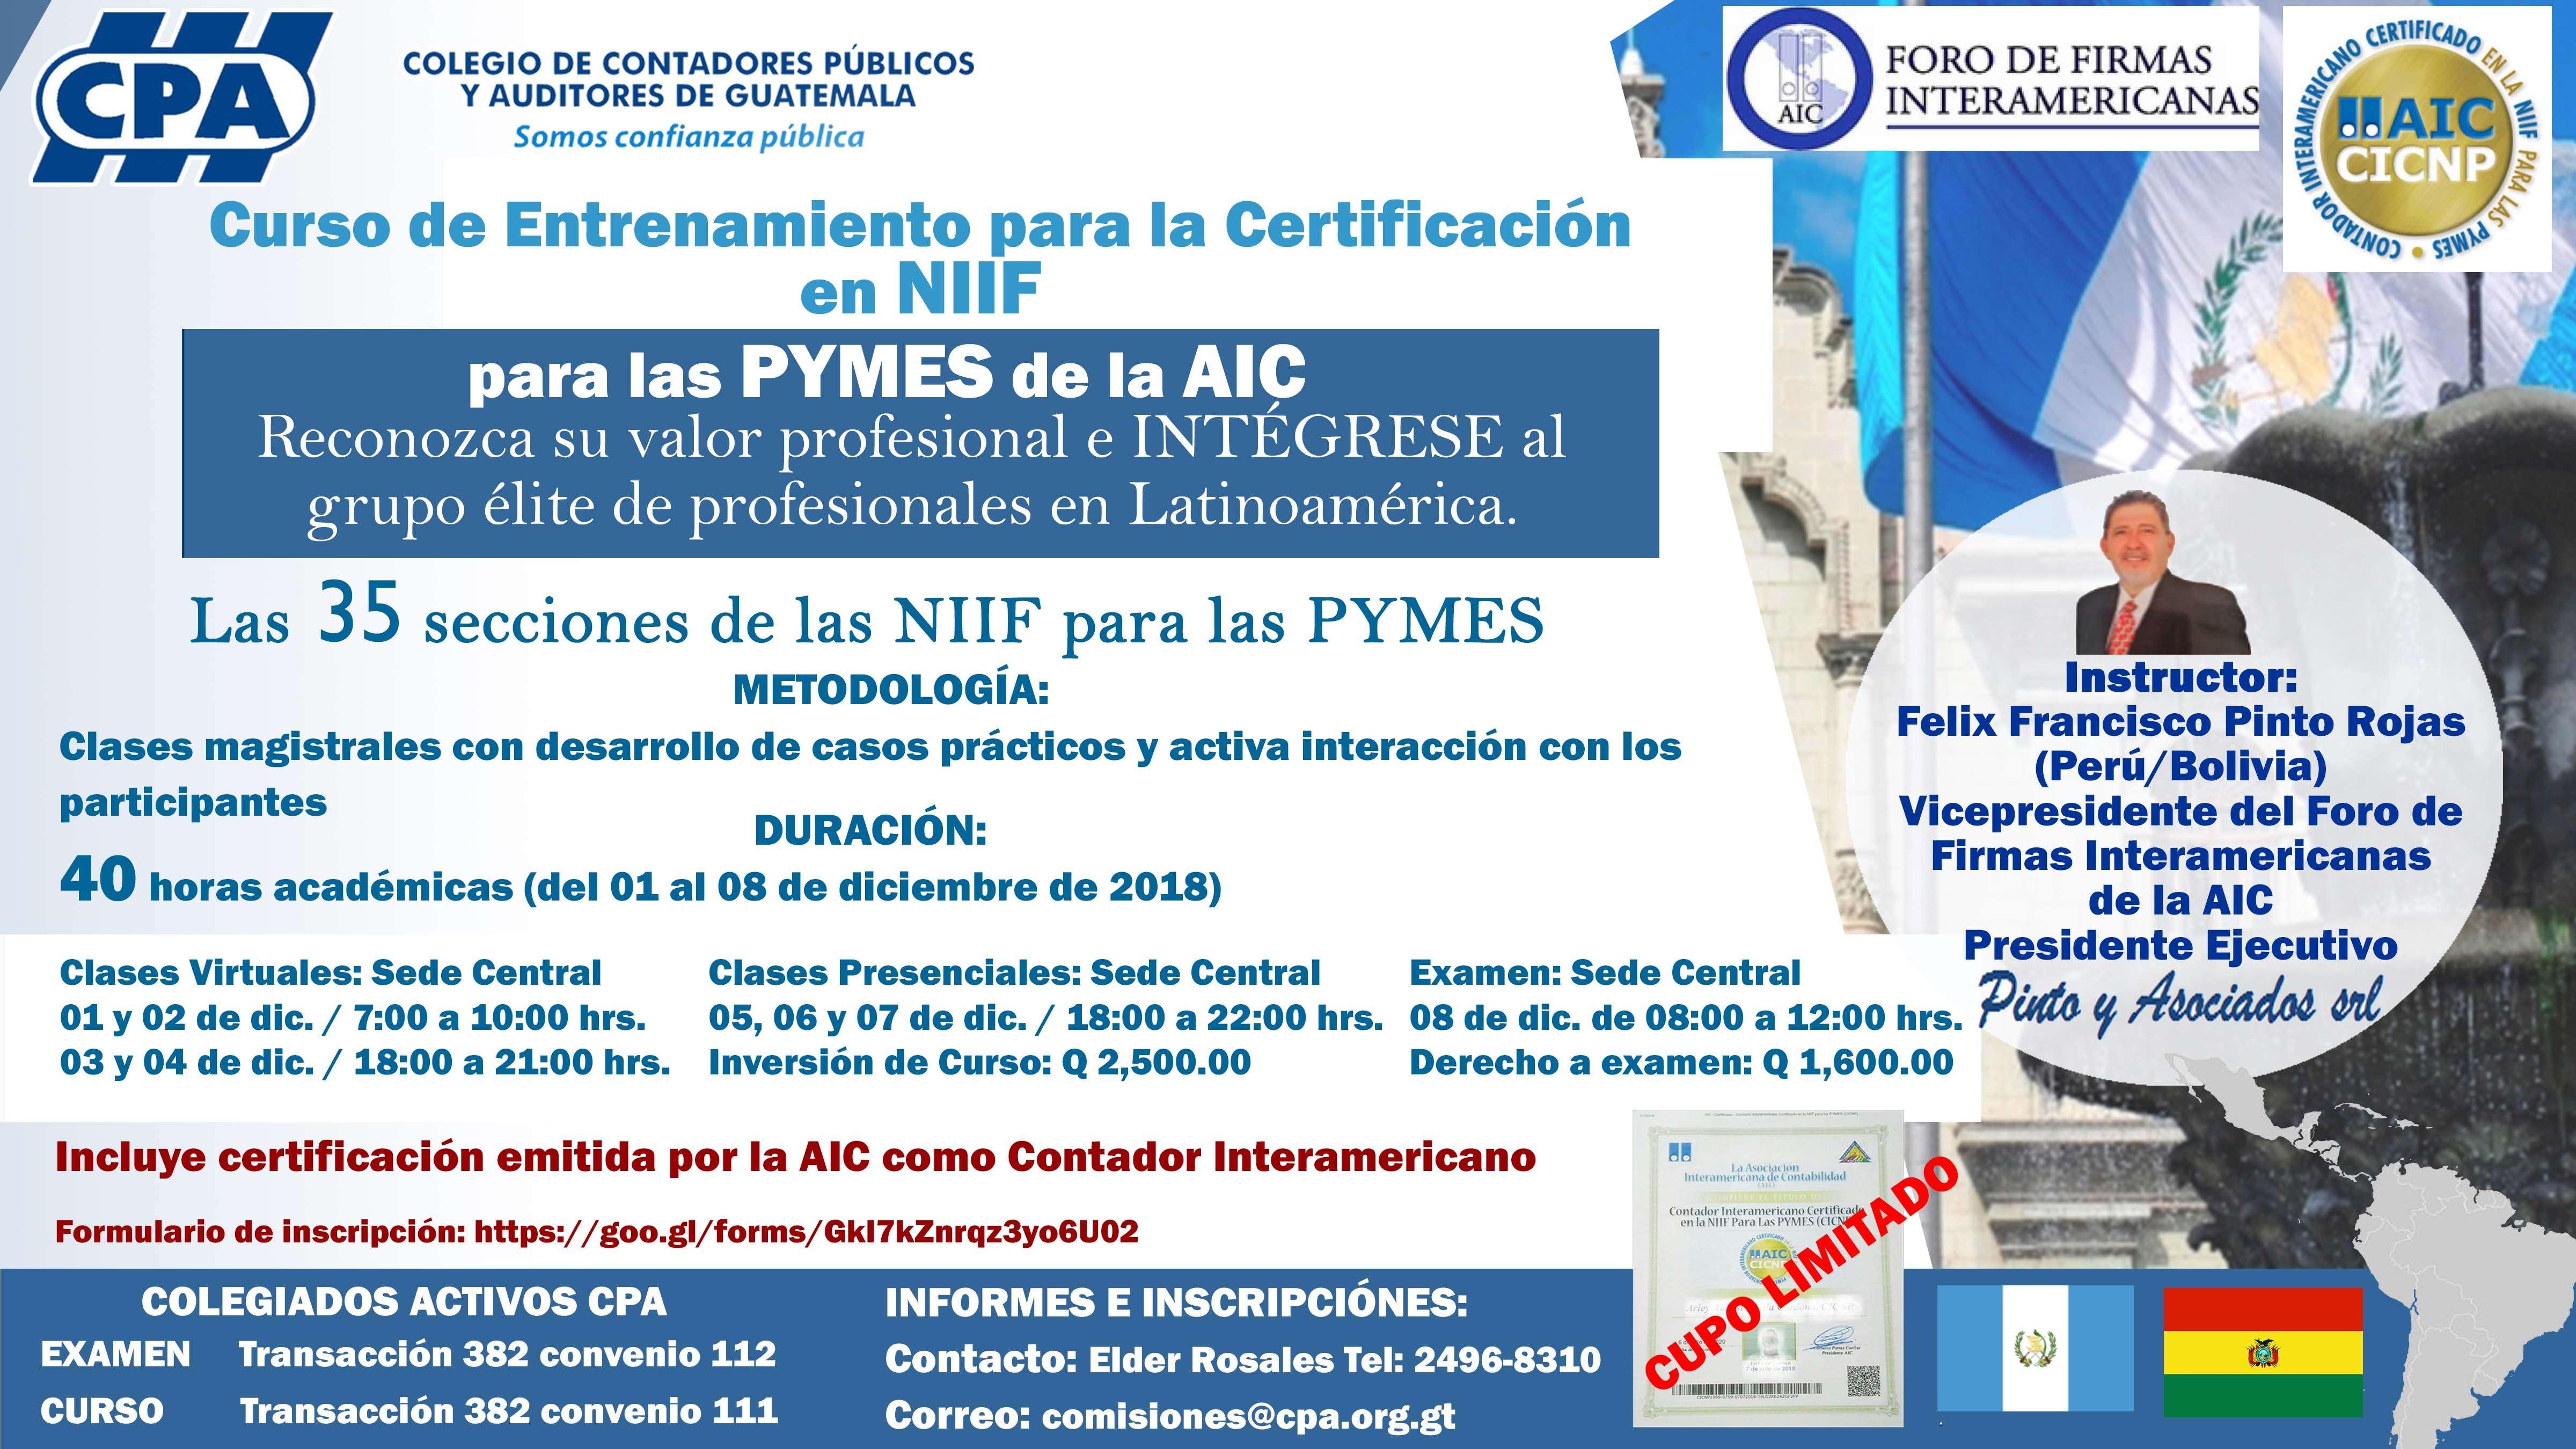 Curso de Entrenamiento para la Certificación en NIIF para las PYMES de la AIC